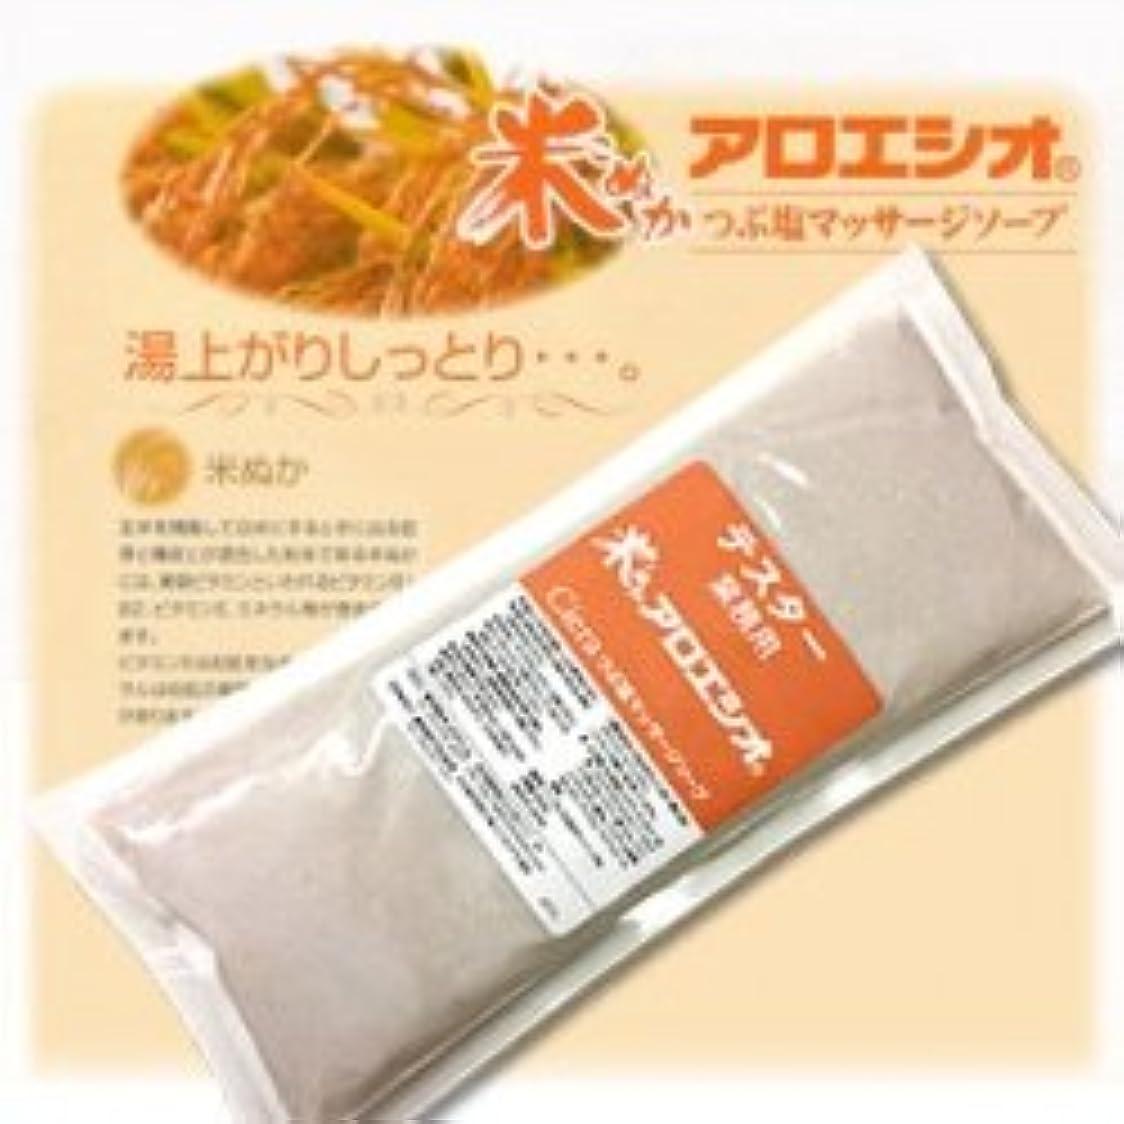 のためピッチャー経度業務用米ぬかアロエ塩 800g つぶ塩マッサージソープ/ フタバ化学 アロエシオ Ciera